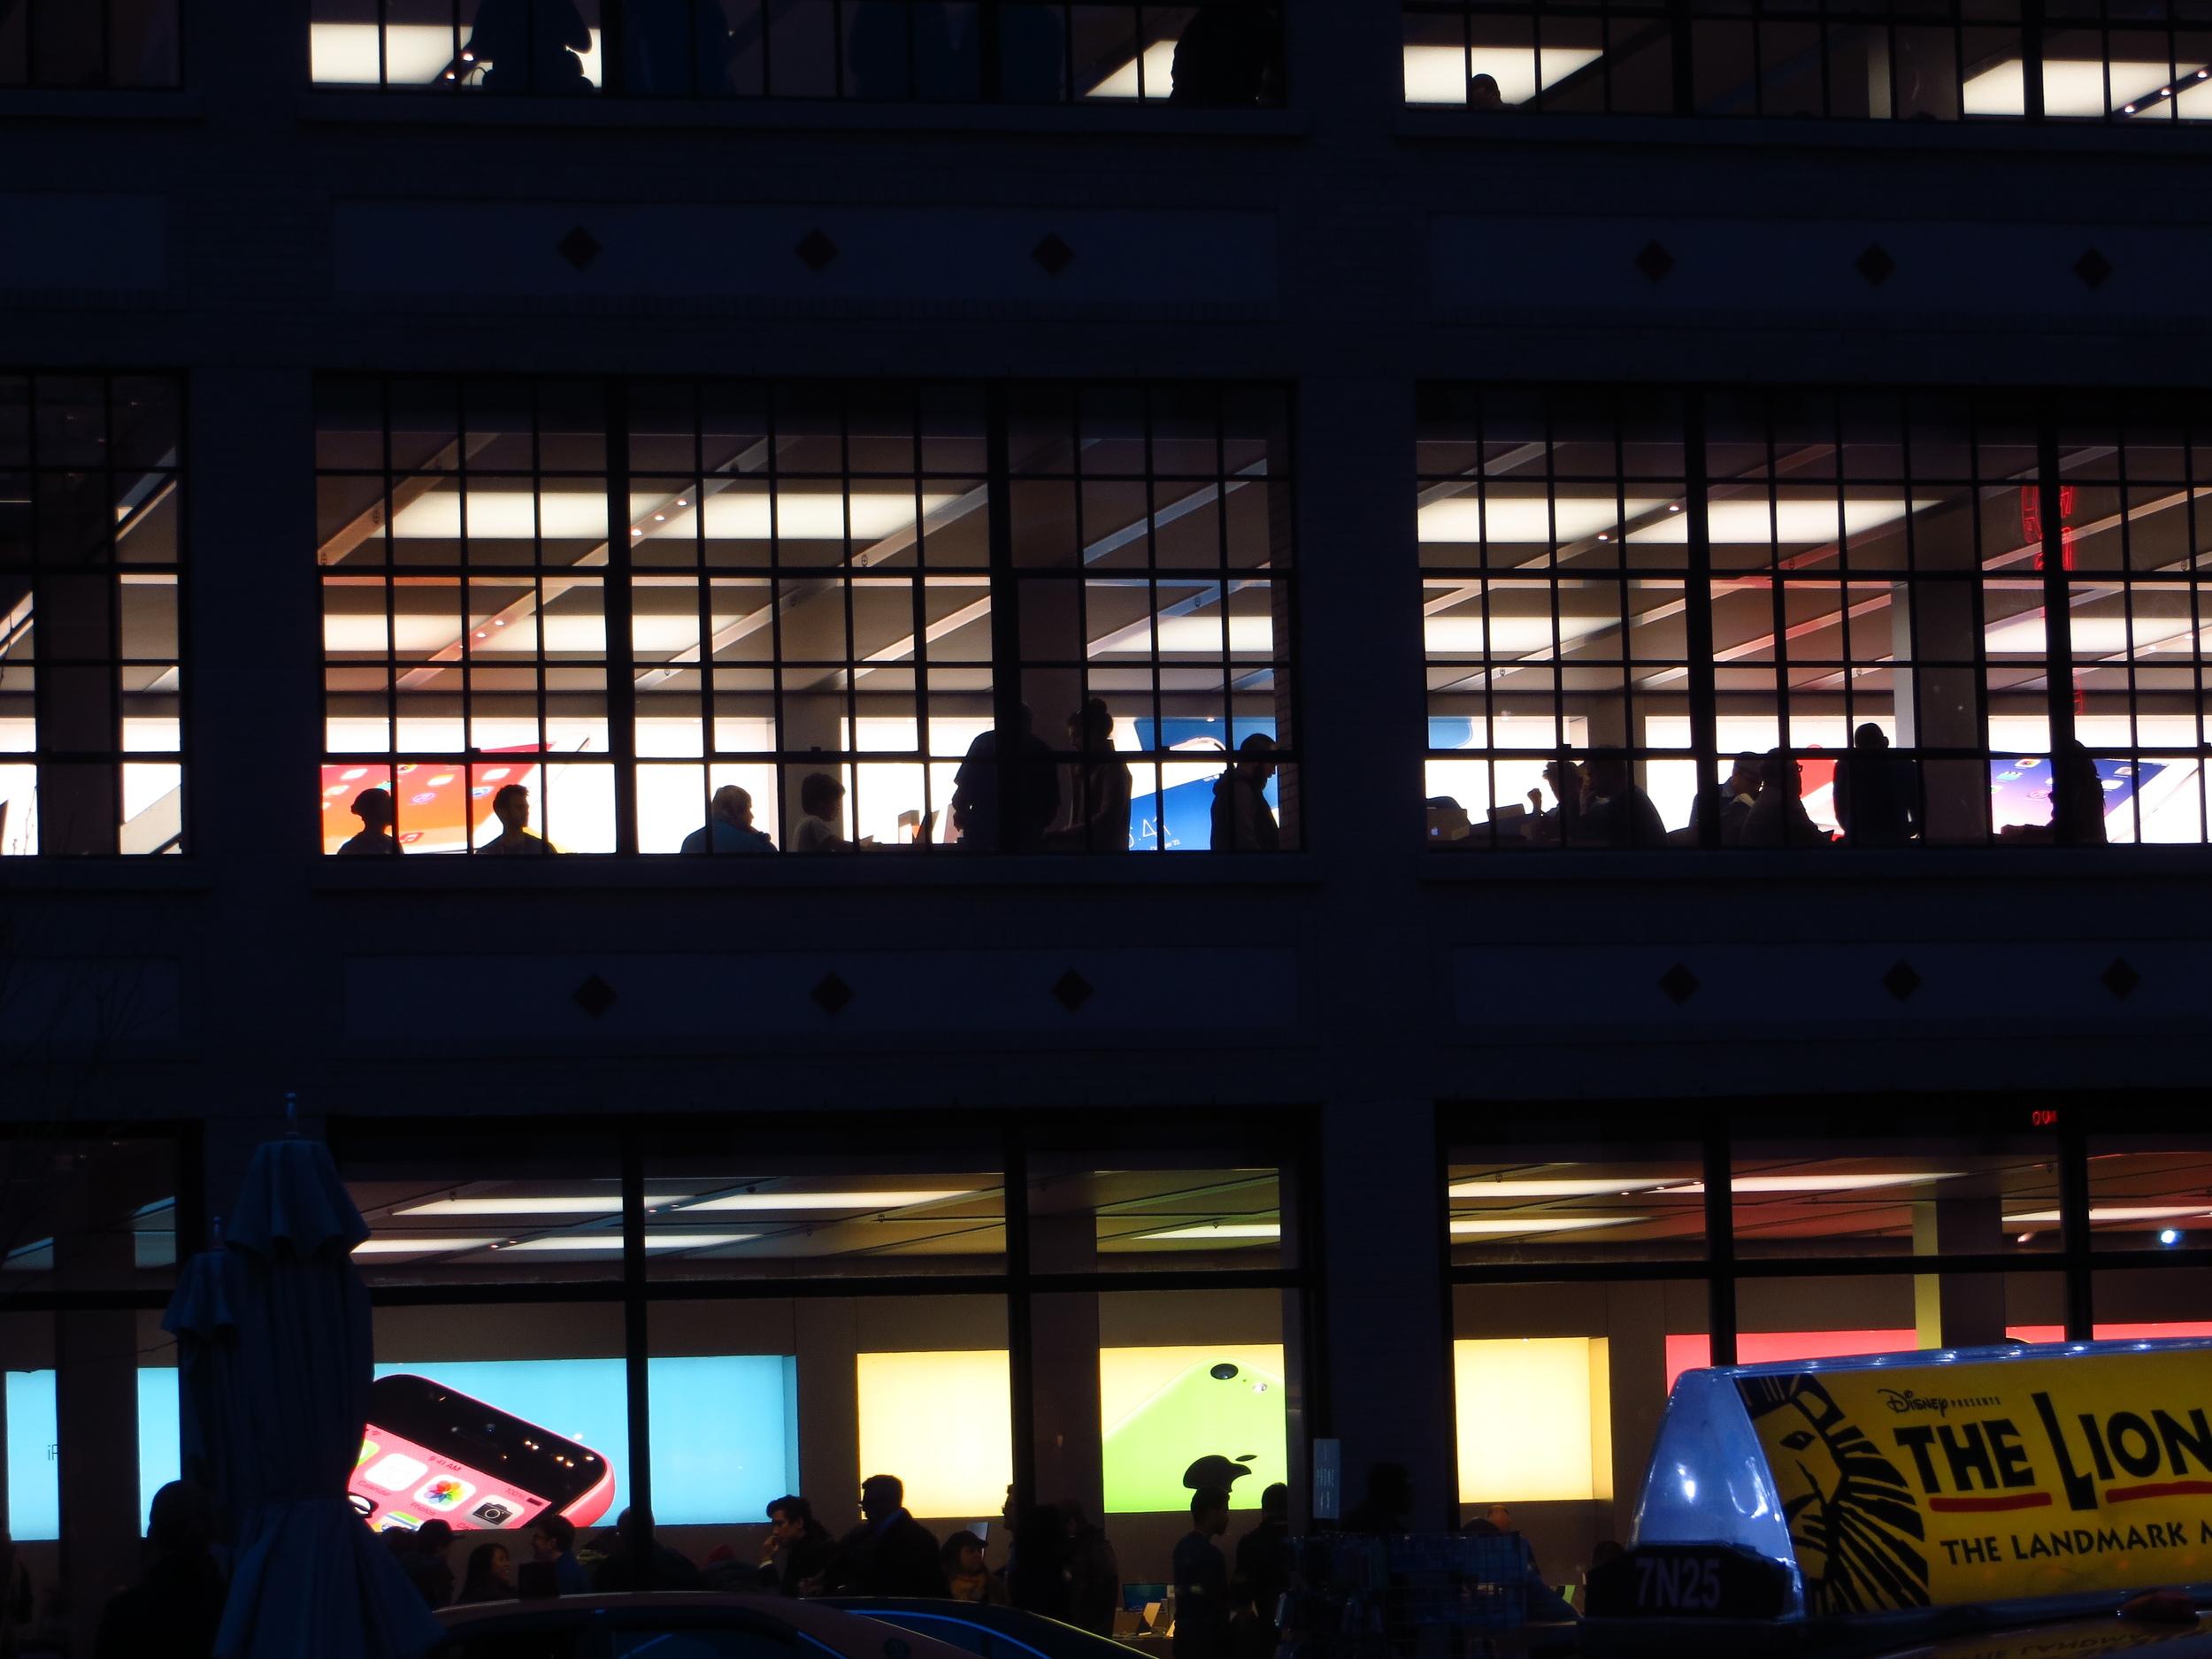 Apple Store after dark